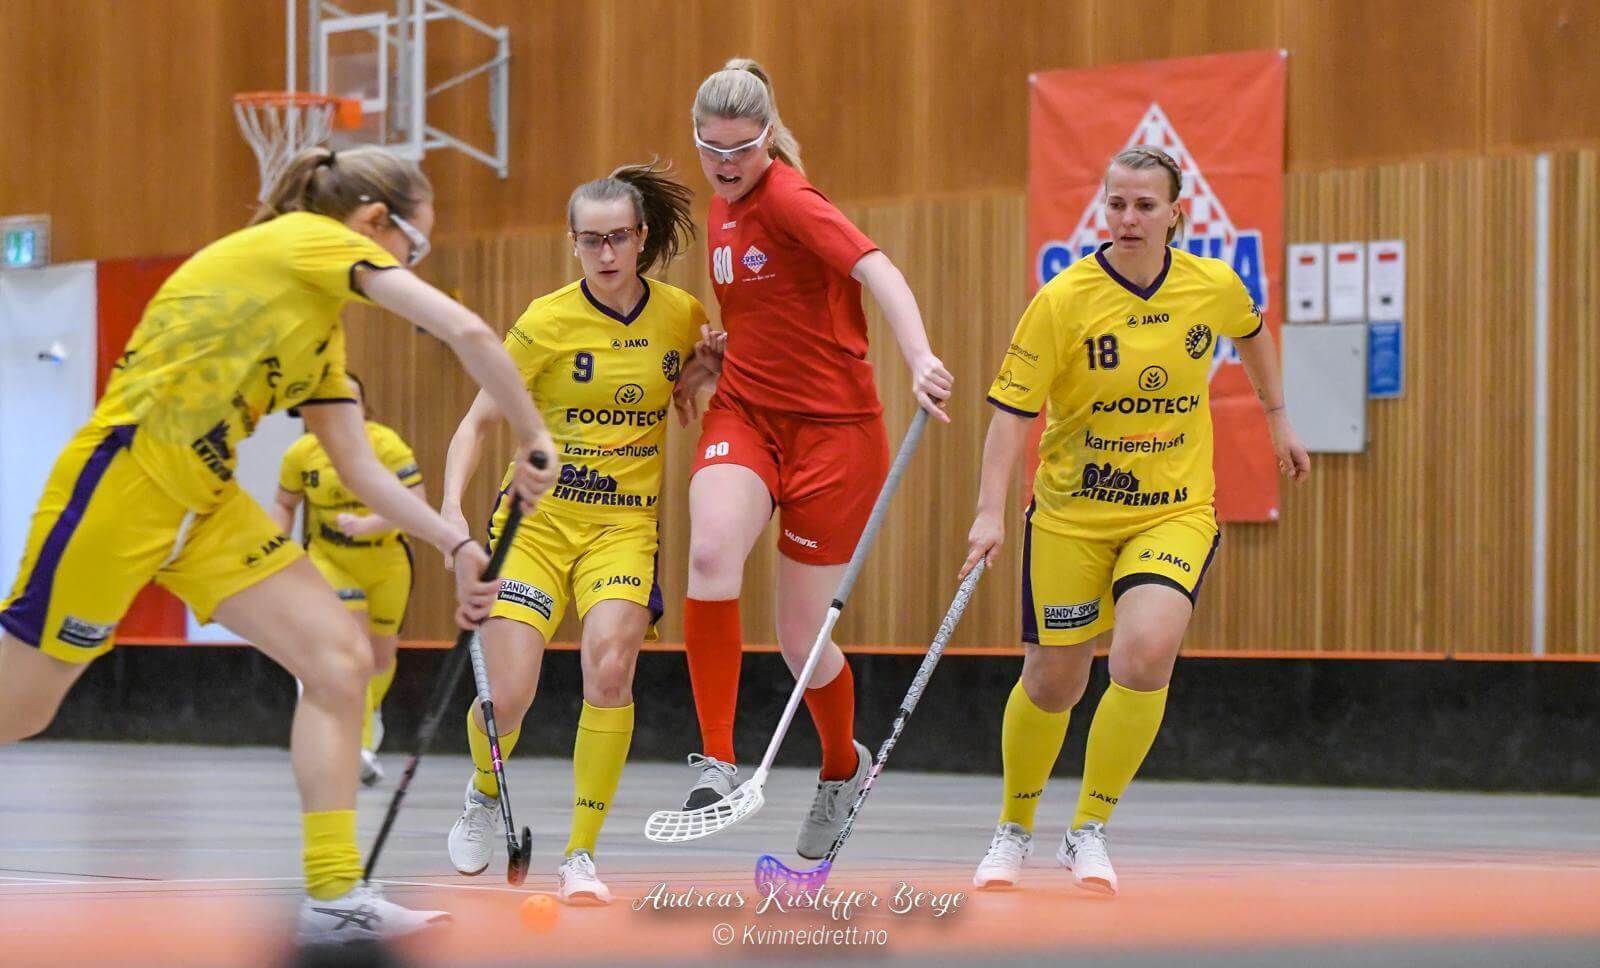 Det er fortsatt håp om å kunne fullføre sesongen i eliteserien for kvinner med en trippelserie. Foto: Andreas Kristoffer Berge